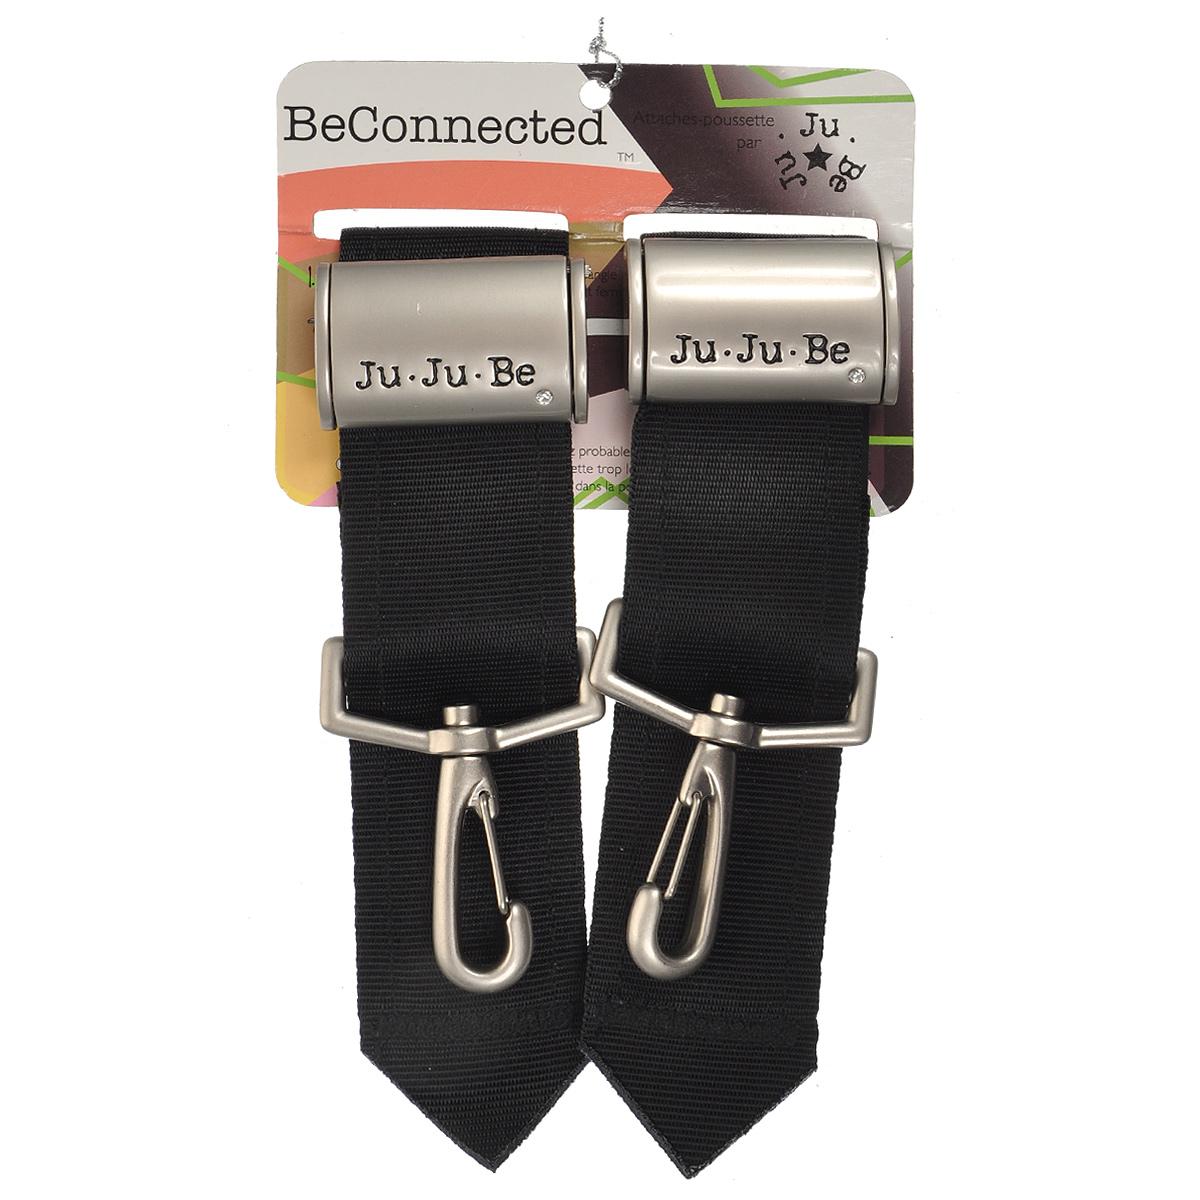 """Крепления к коляске Ju-Ju-Be """"Be Connected Clips"""" подойдут не только к сумкам и рюкзакам Ju-Ju-Be, но и к любой сумке при наличии колец. Они выполнены из металла, ремень с антискользящим покрытием. Ну и, конечно же, страз для большего шика. Больше вам не стоит беспокоиться за сумку и все время оглядываться на коляску, когда гуляете с малышом. На крепления очень удобно вешать пластиковые пакеты из супермаркета, теперь вы сможете совершать покупки вместе с ребенком, и при этом ваши руки будут свободны. В комплект входят 2 крепления."""